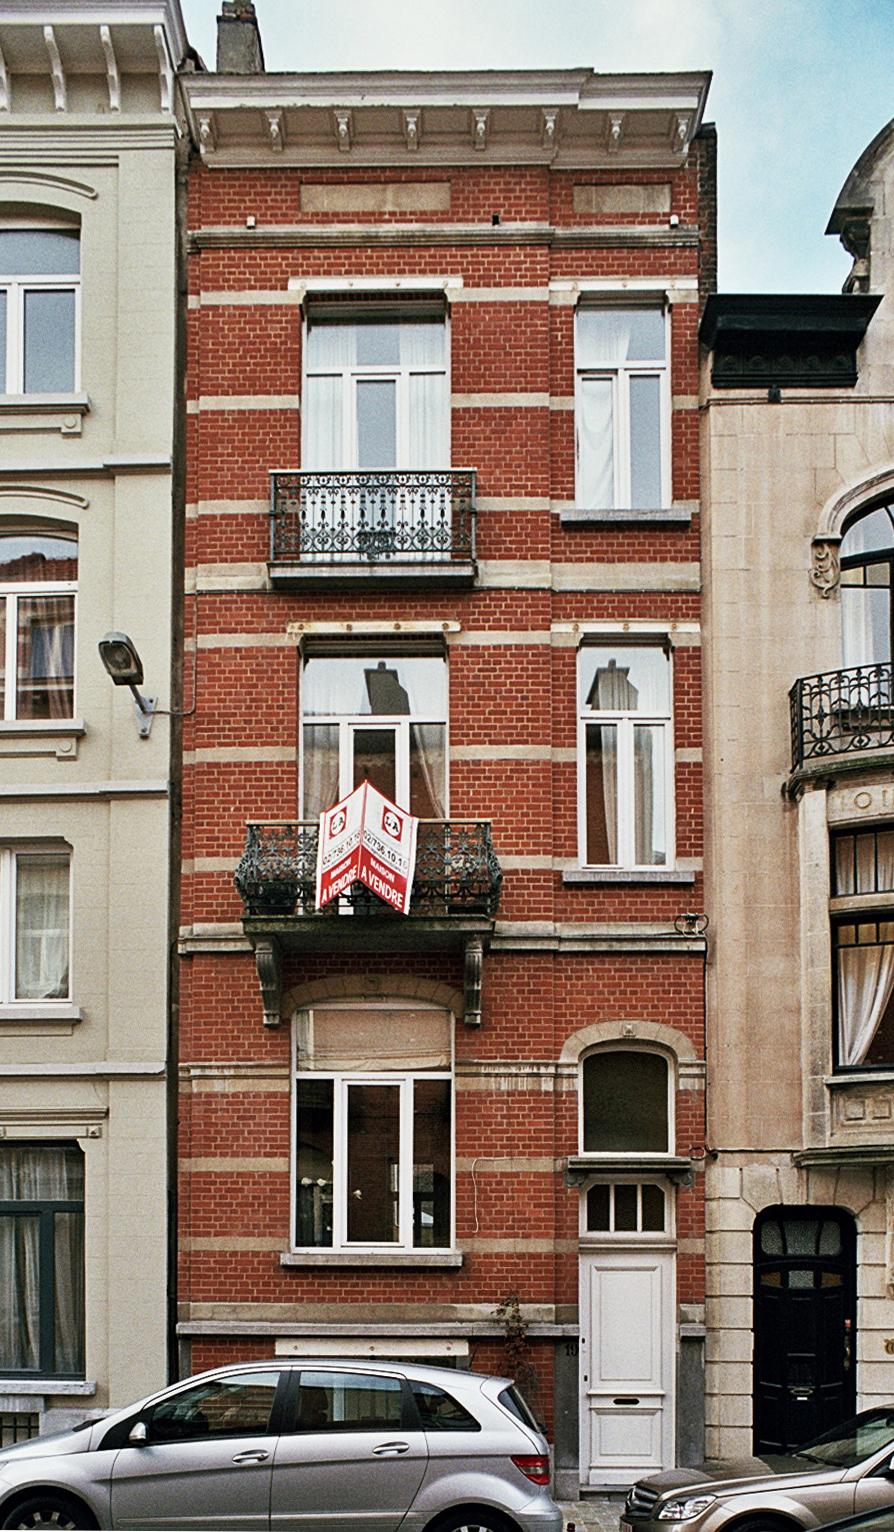 Rue Wappers 19., 2009